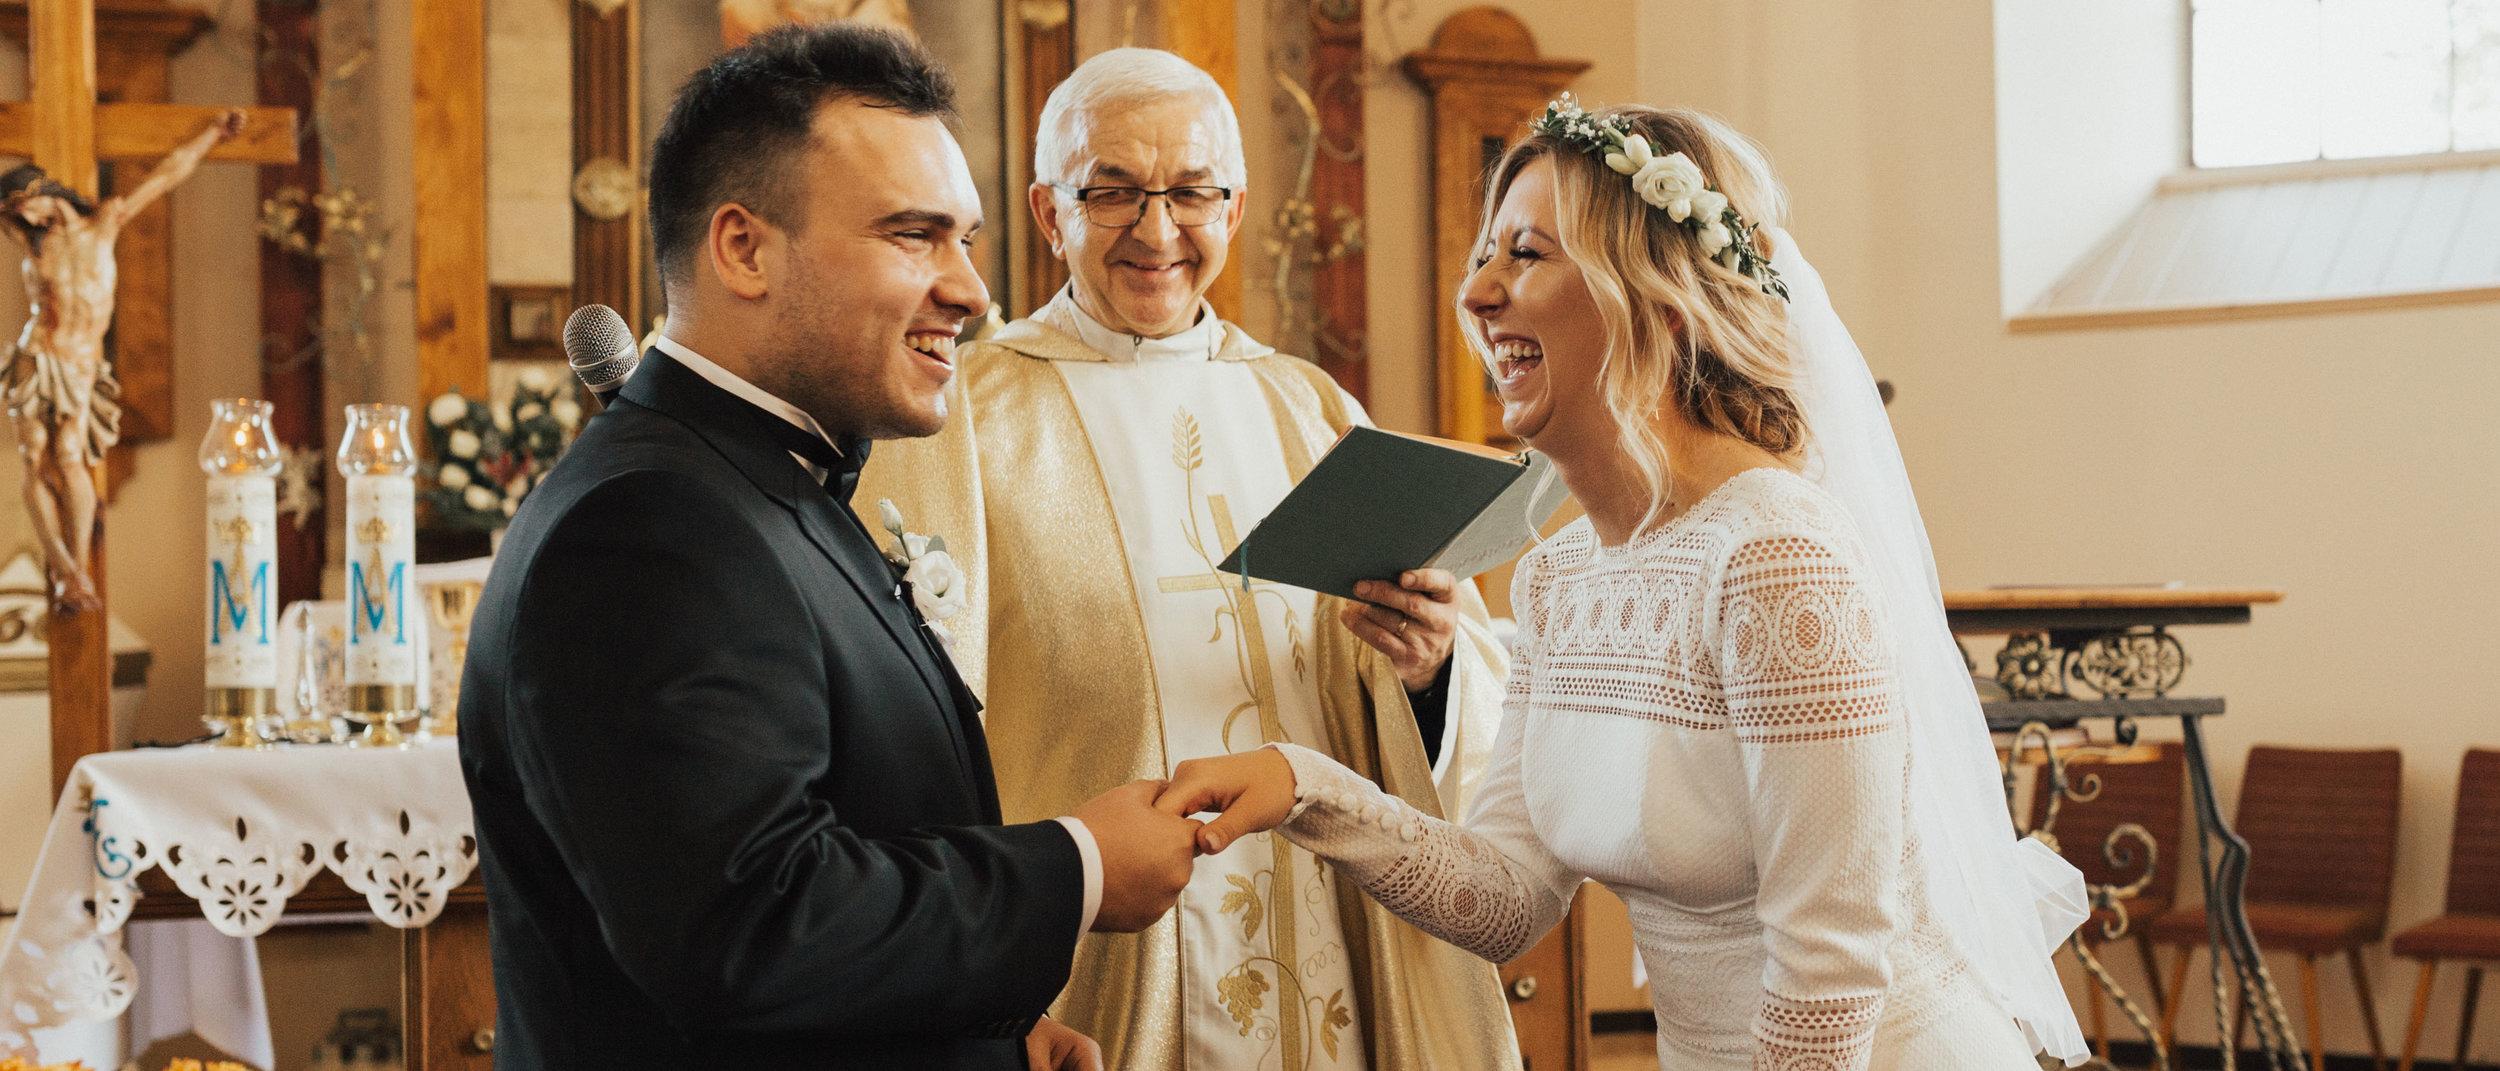 Ula & Marcin Historia Ślubna - Tym ciepłym październikiem życie zaprowadziło nas na sam zachód Polski, gdzie poznaliśmy wspaniałą parę, Ulę i Marcina i staliśmy częścią ich wielkiego dnia!